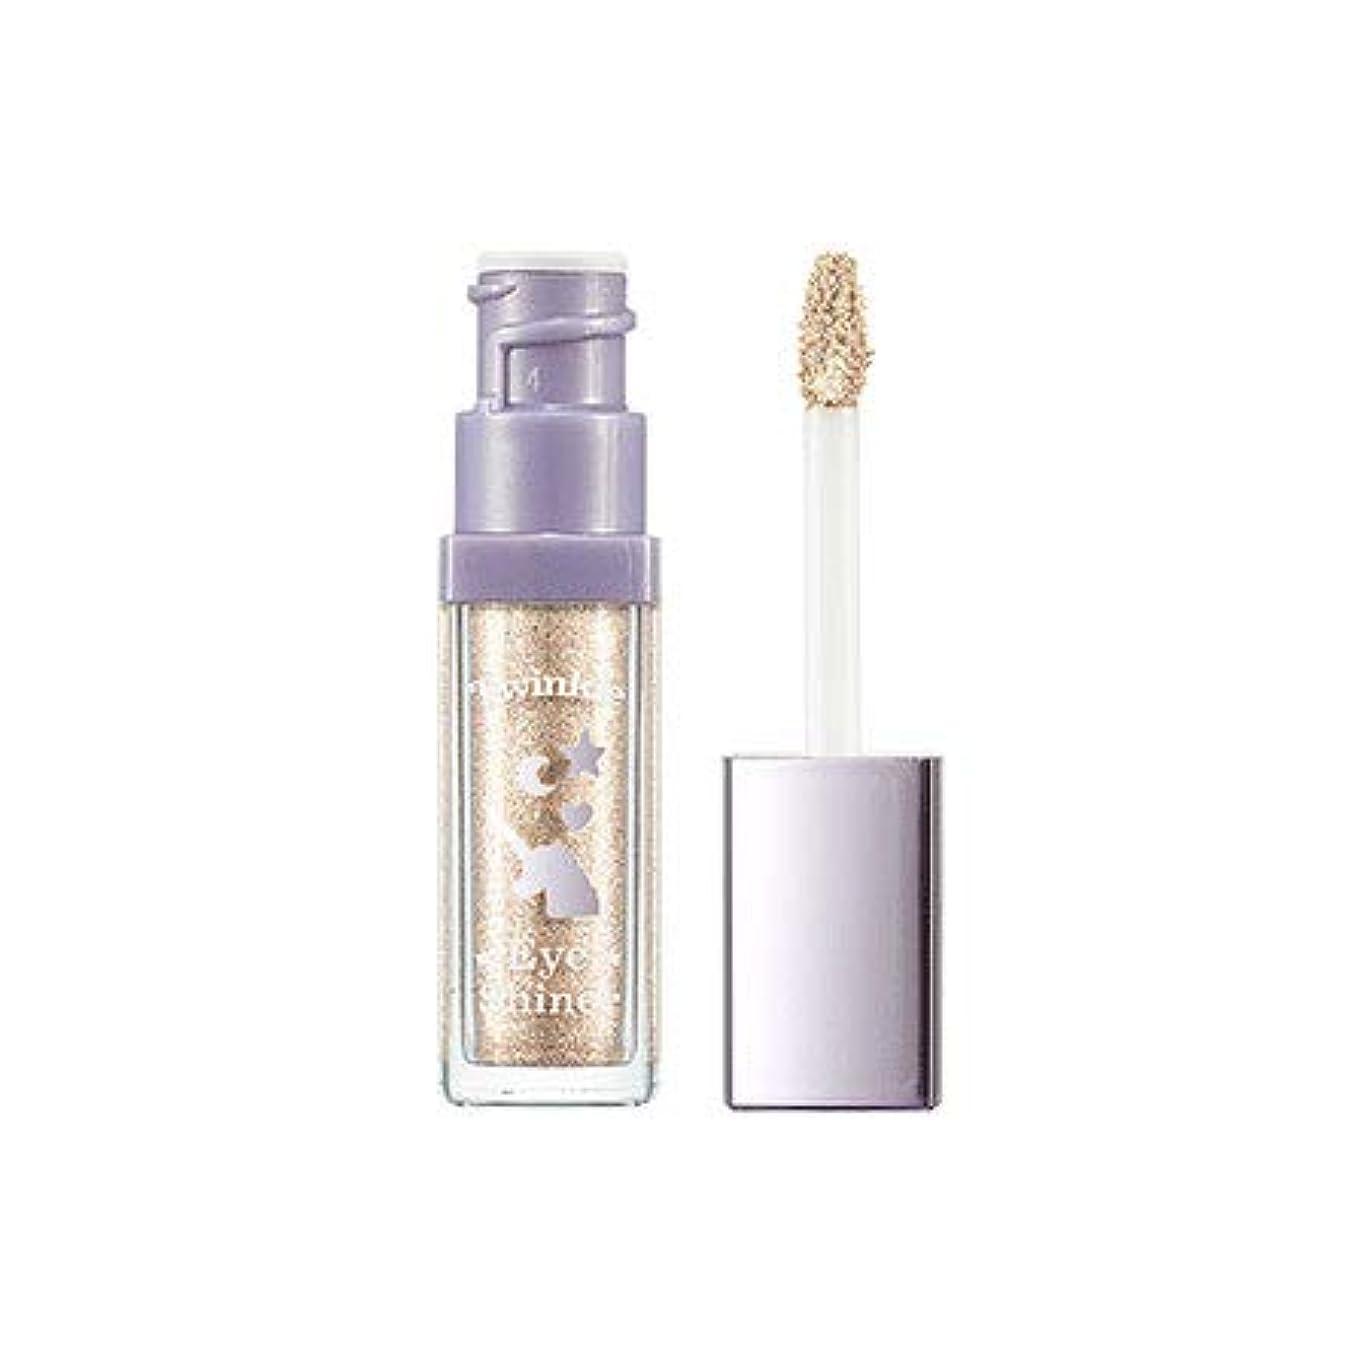 防ぐ頑張る医学アリタウム アイシャイナー (アイグリッター) 5ml / ARITAUM Twinkle Eye Shiner #01 Sparkling honey [並行輸入品]